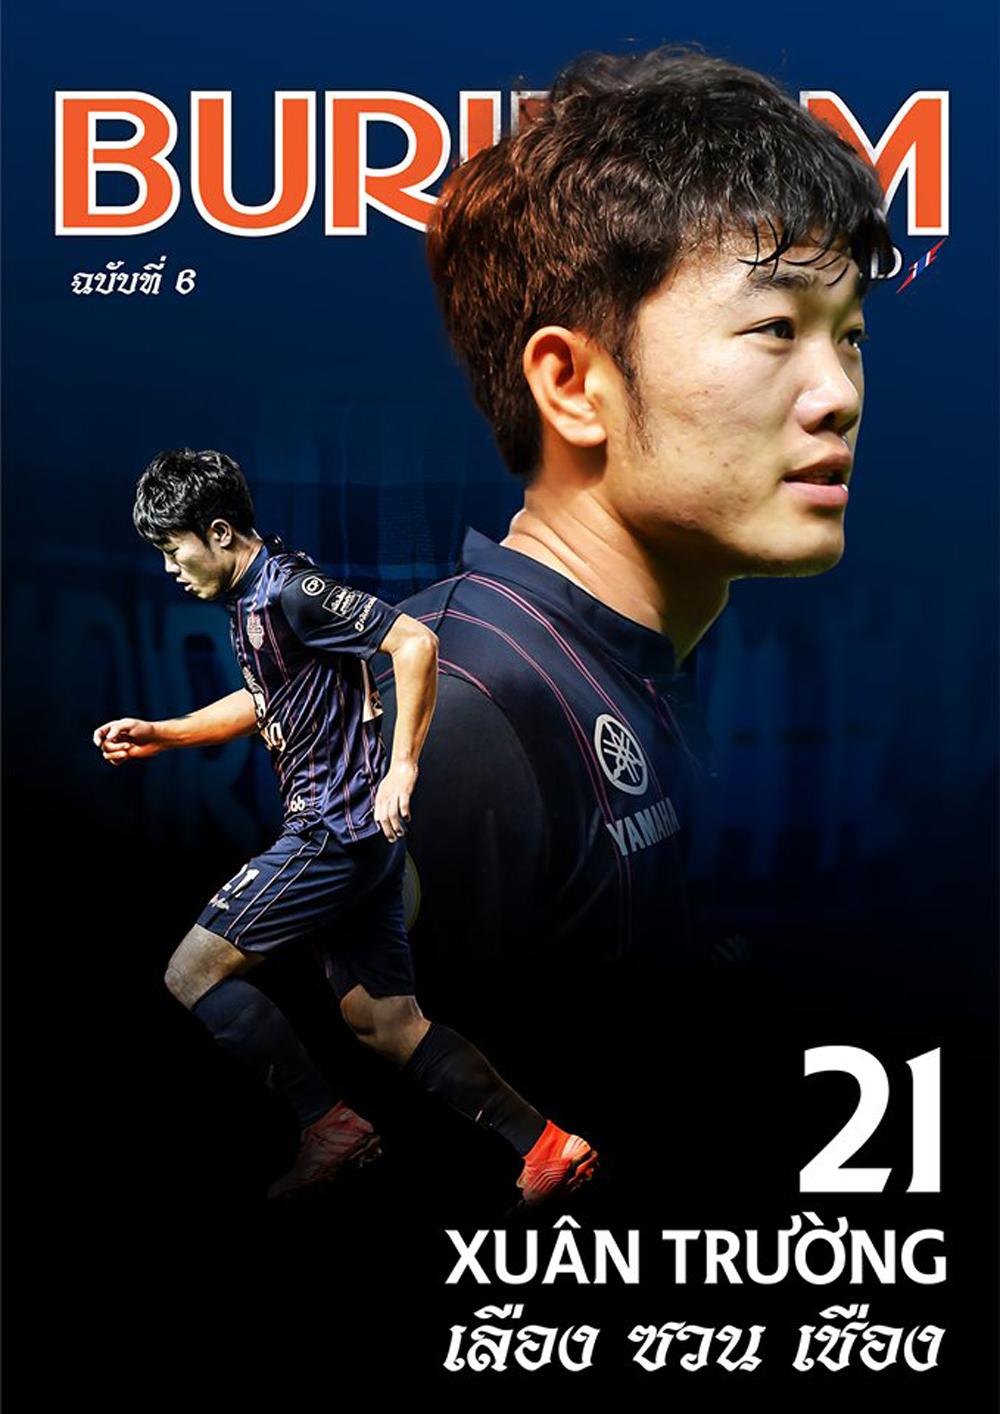 Xuân Trường, Lương Xuân Trường, Buriram United, Thai League, trực tiếp, Xuân Trường trực tiếp, Thai League, Xuân Trường ghi bàn cho Buriram, United King's Cup